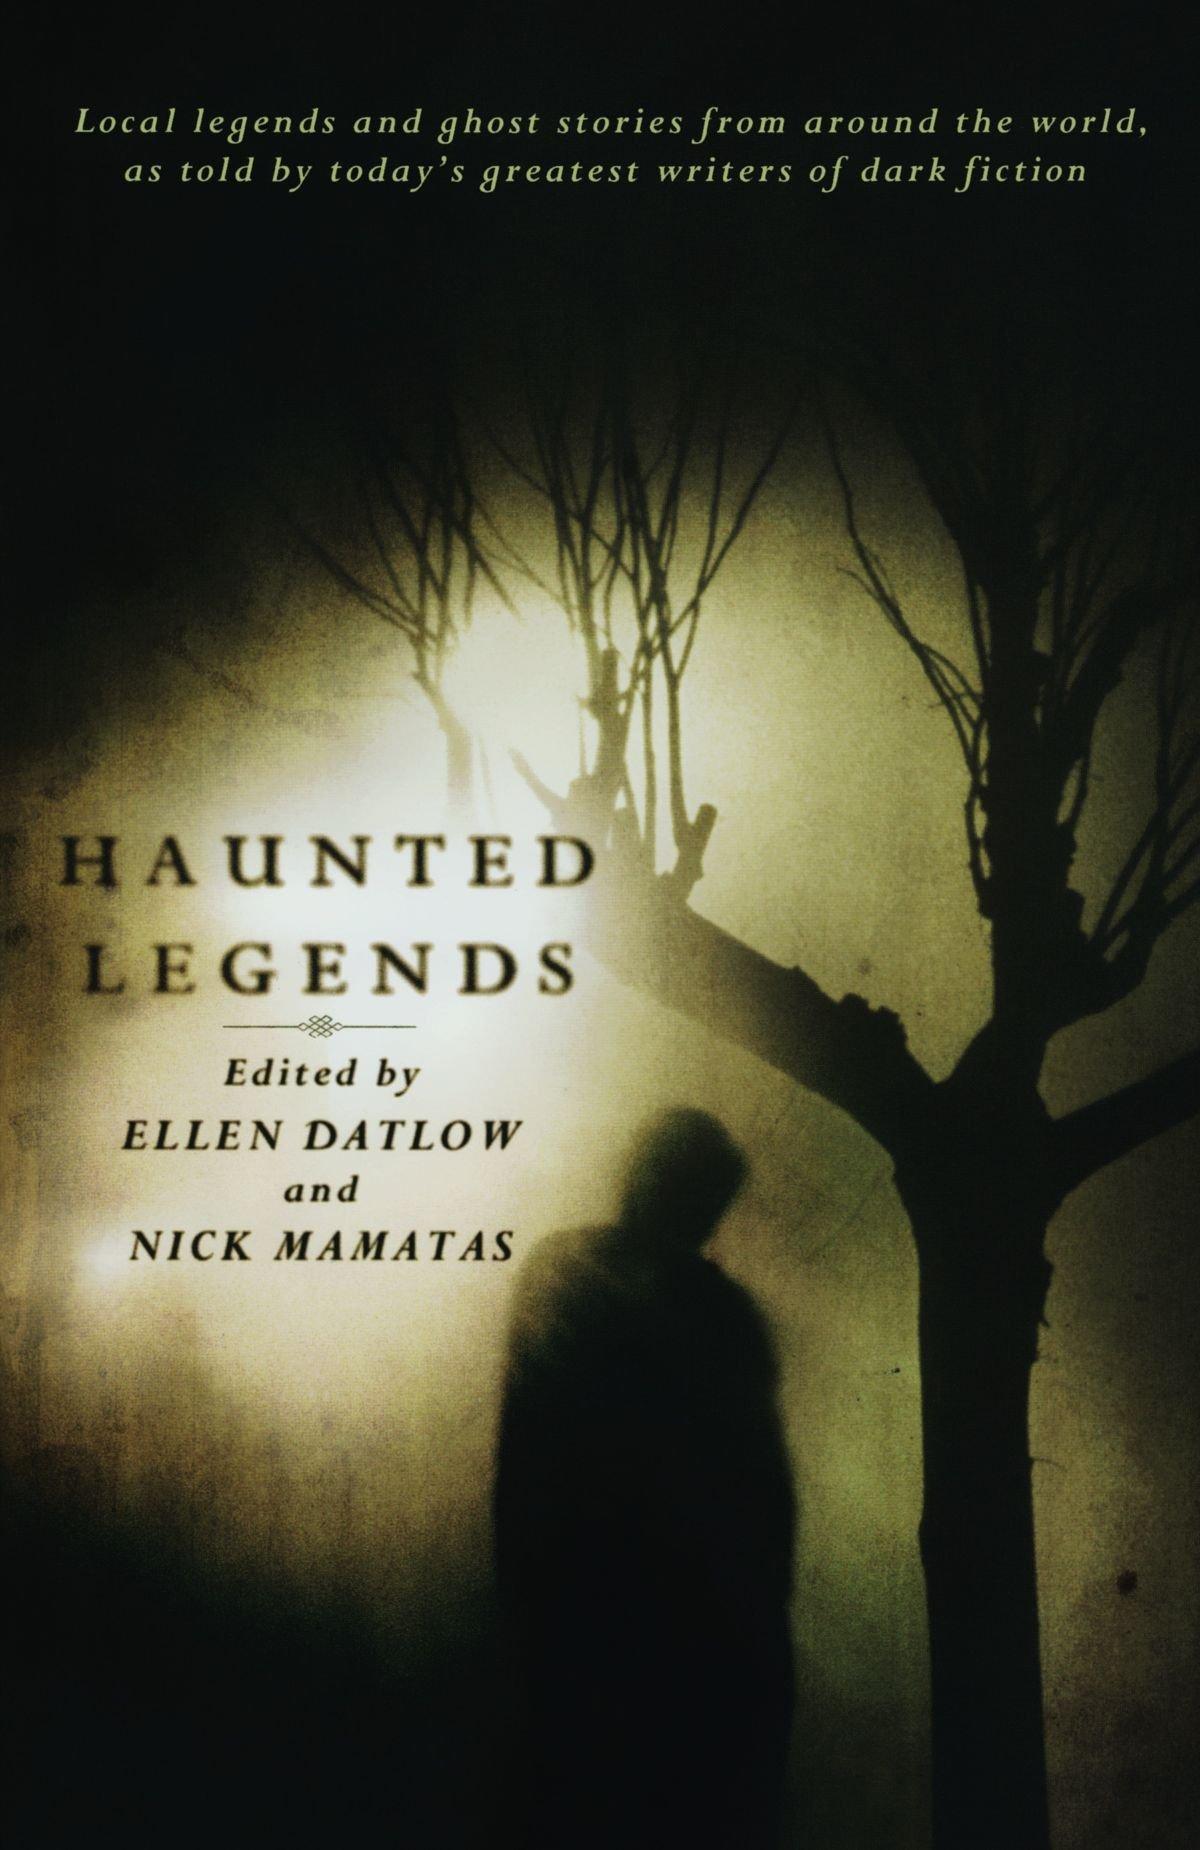 Haunted-Legends.jpg